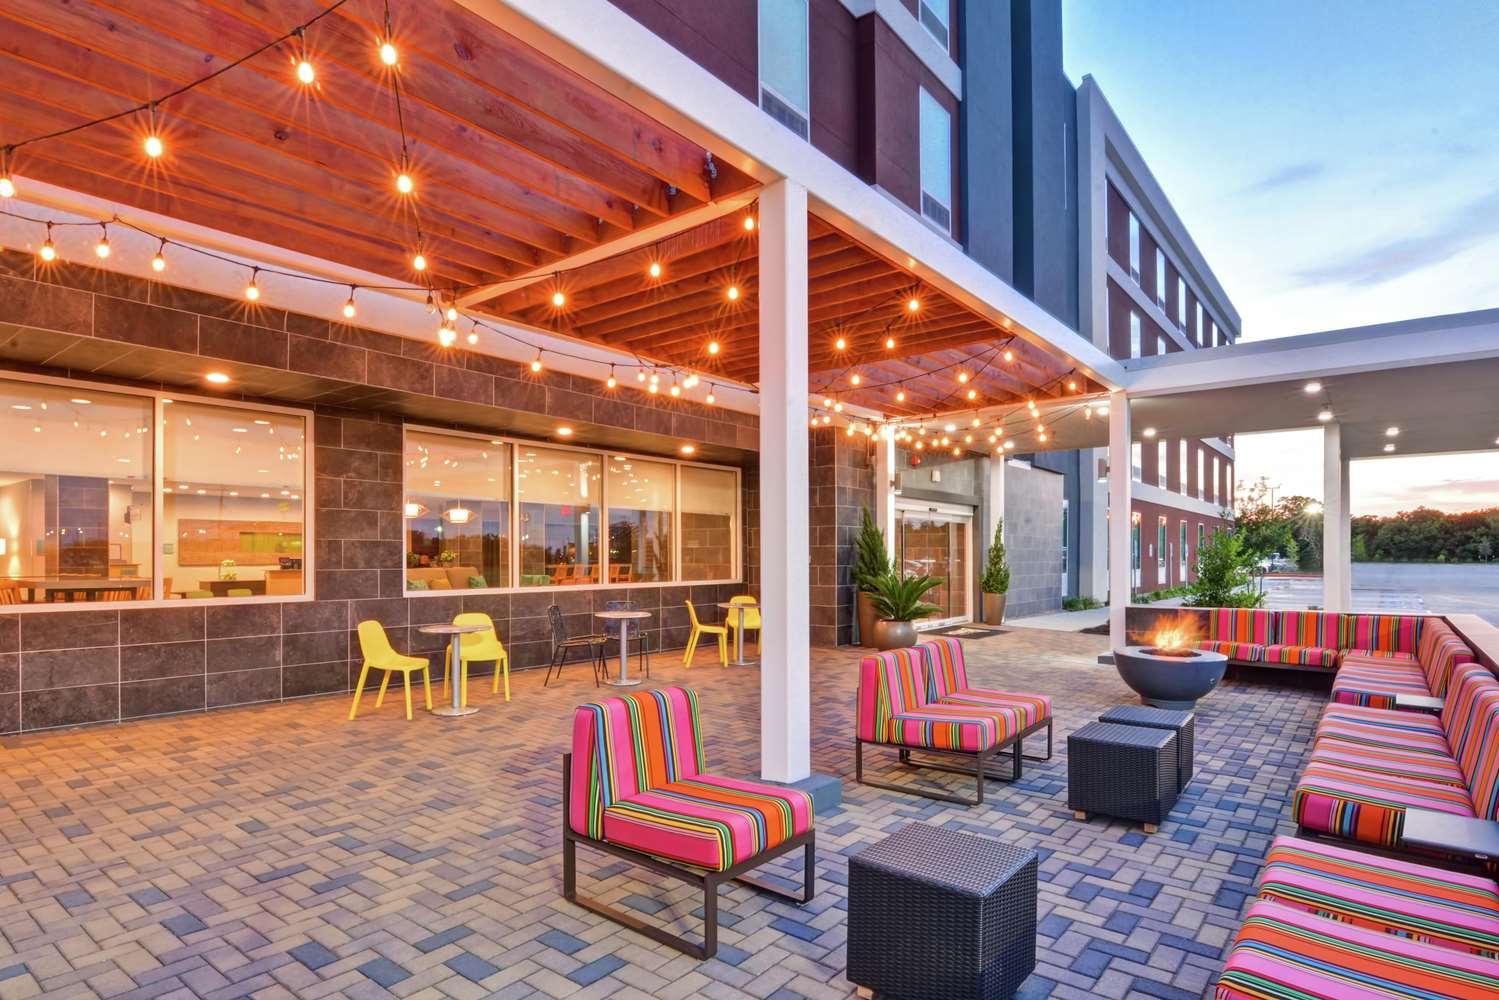 Home2 Suites by Hilton La Porte, TX